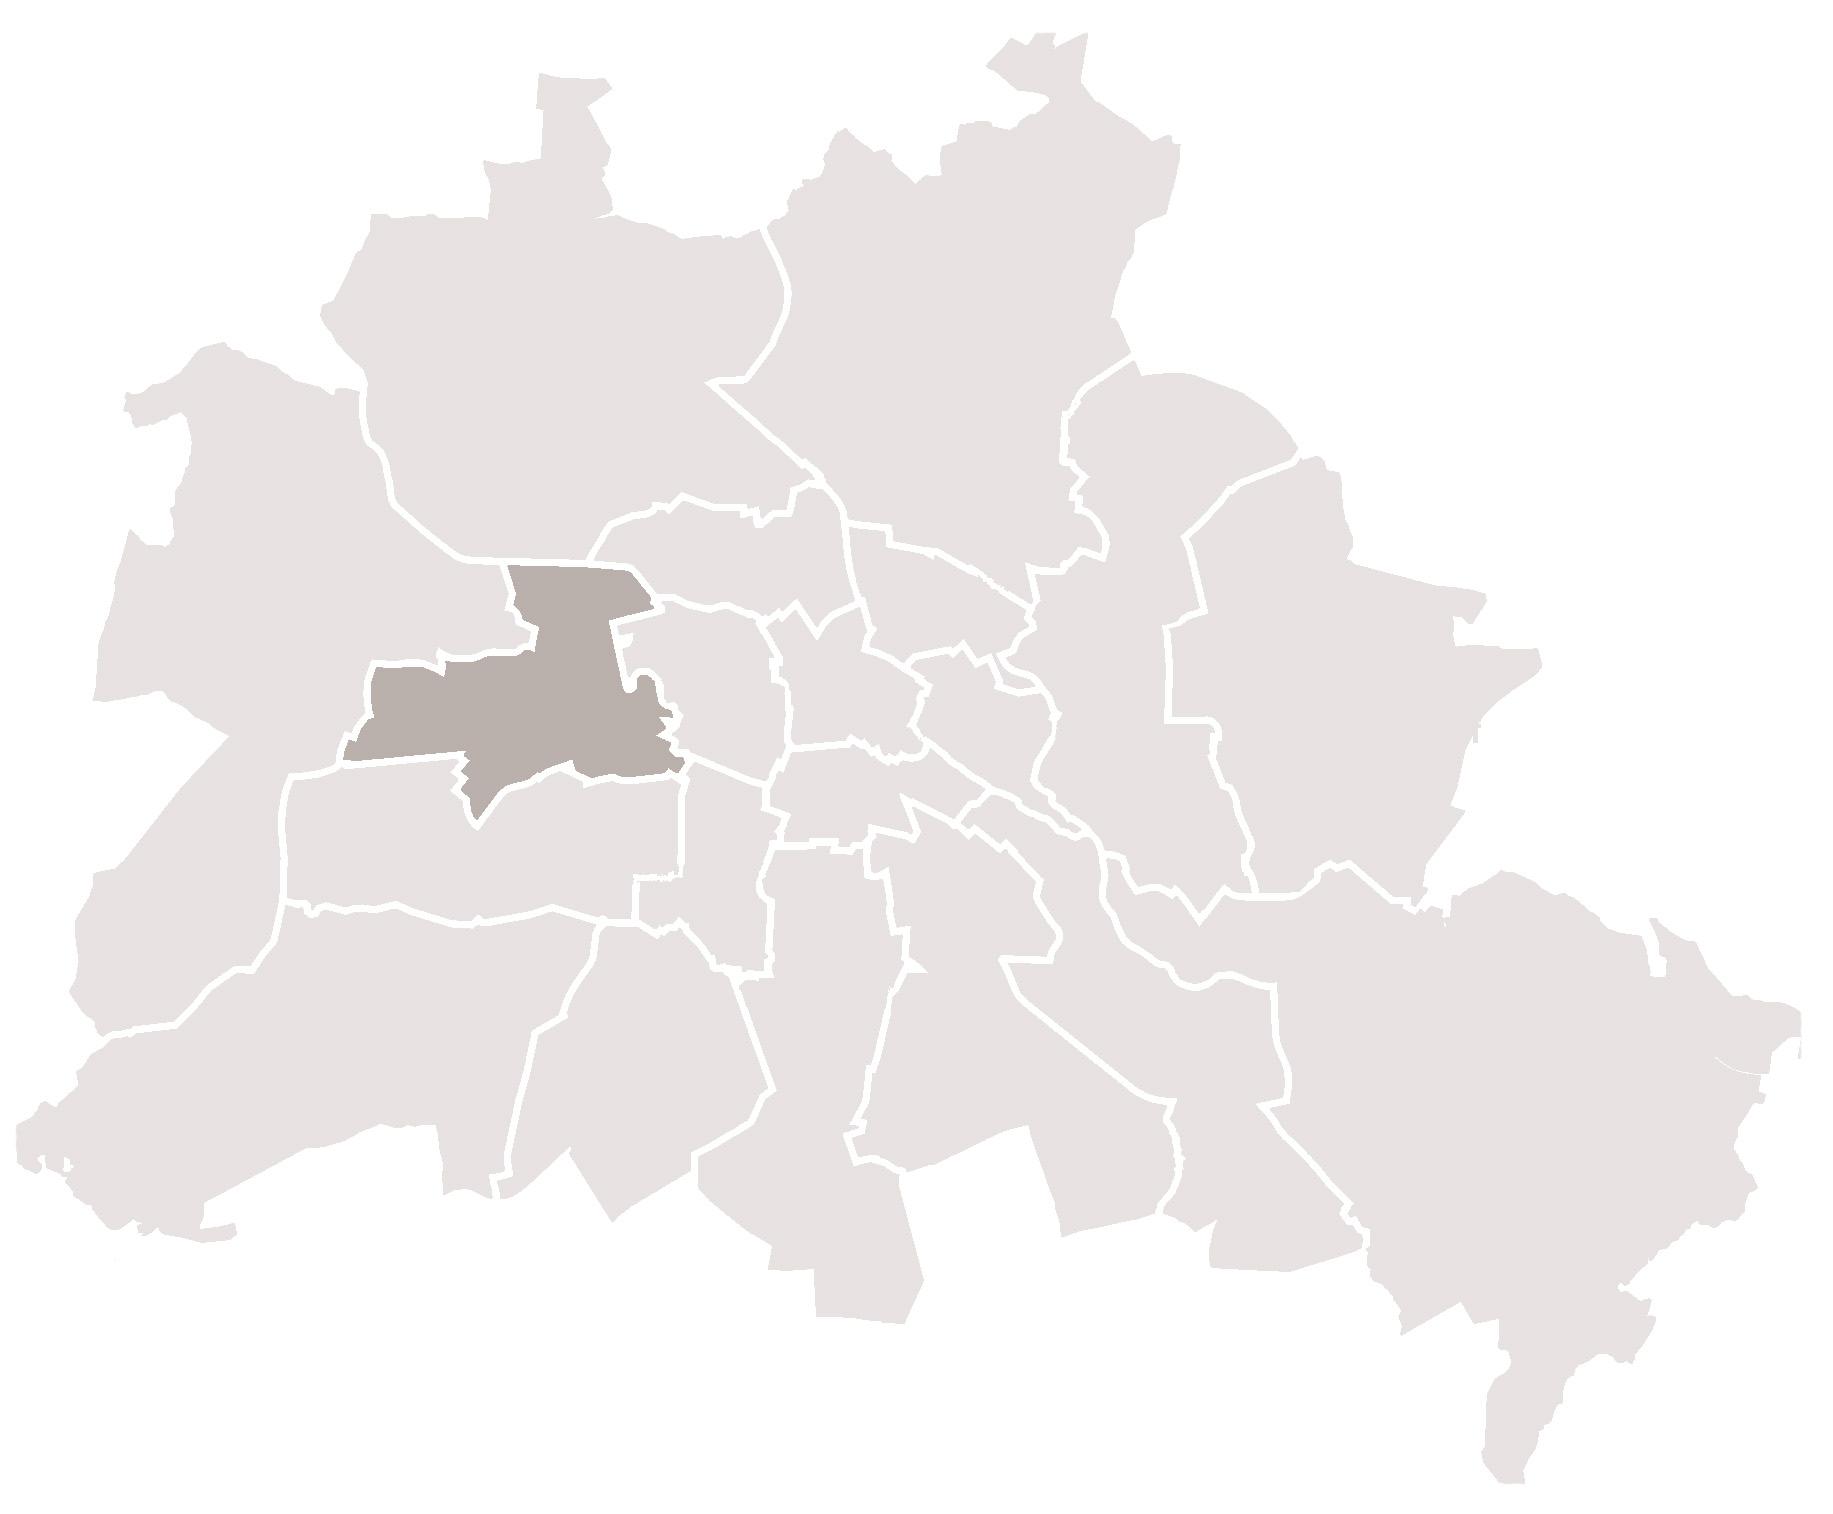 Berlin Wilmersdorf Karte